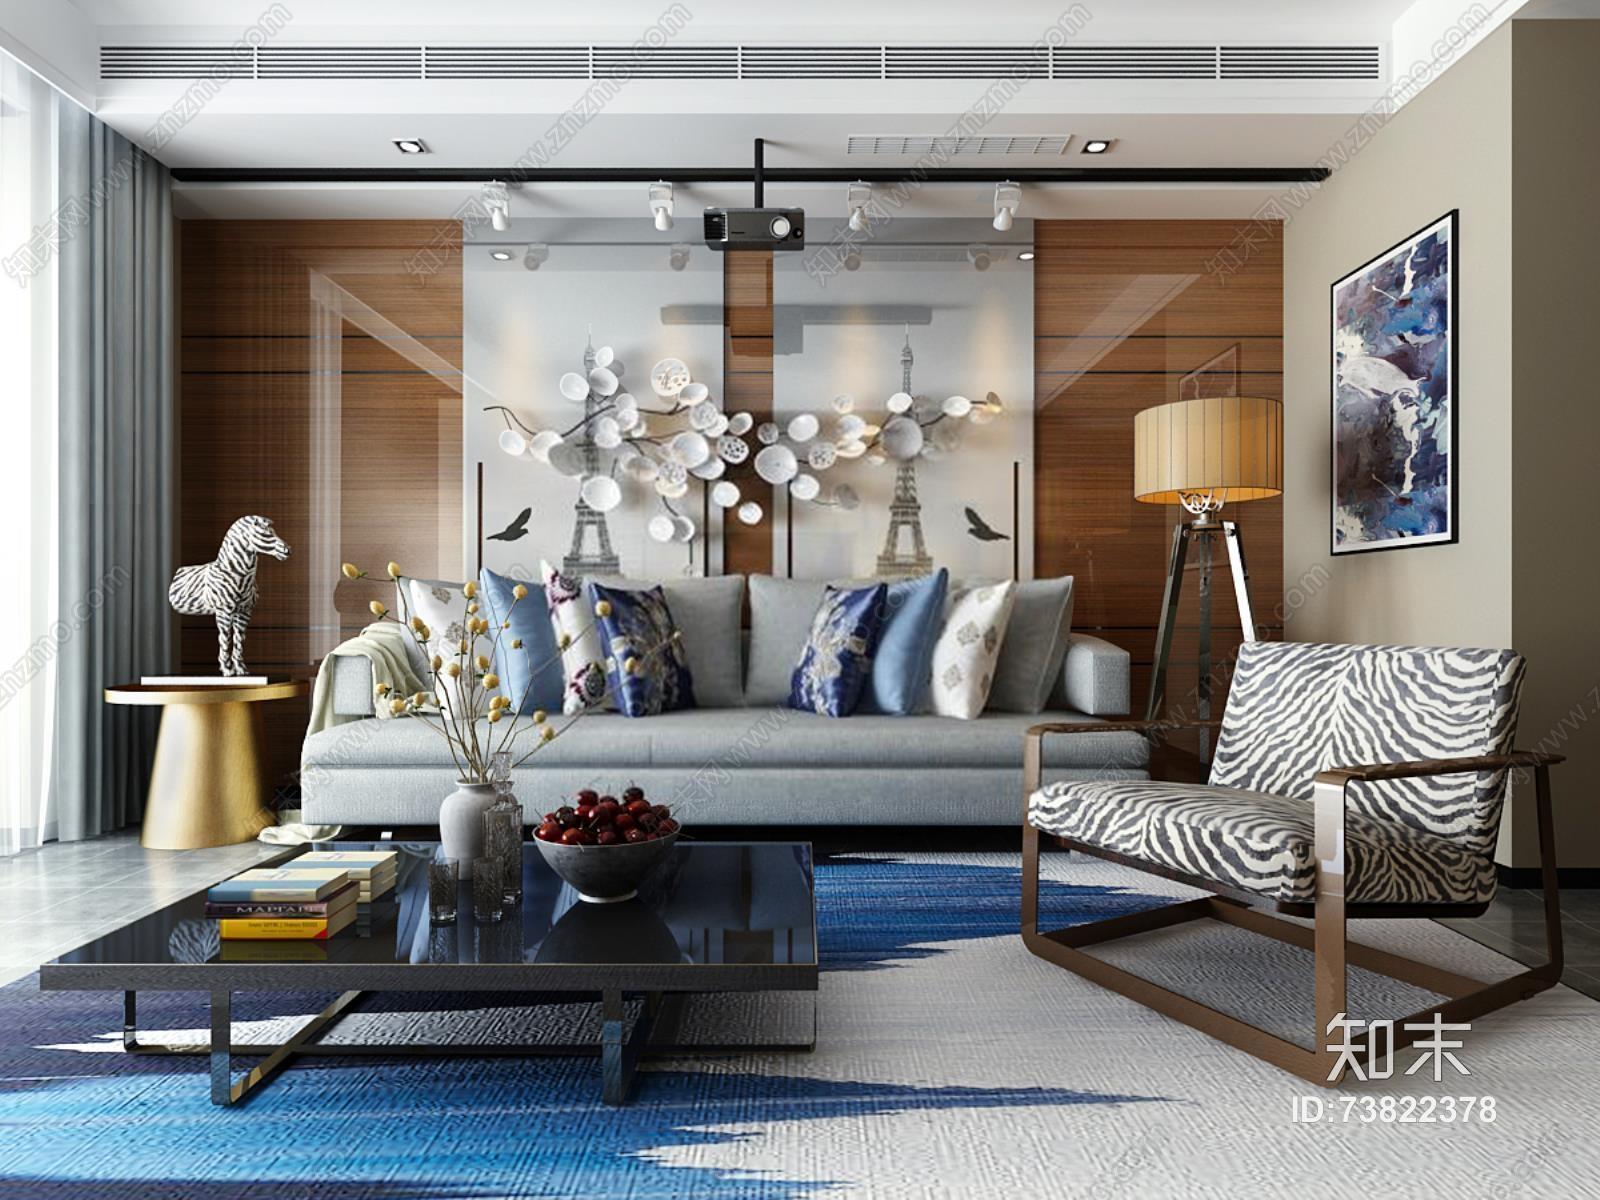 现代沙发装饰 现代客厅 茶几 多人沙发 落地灯 沙发椅